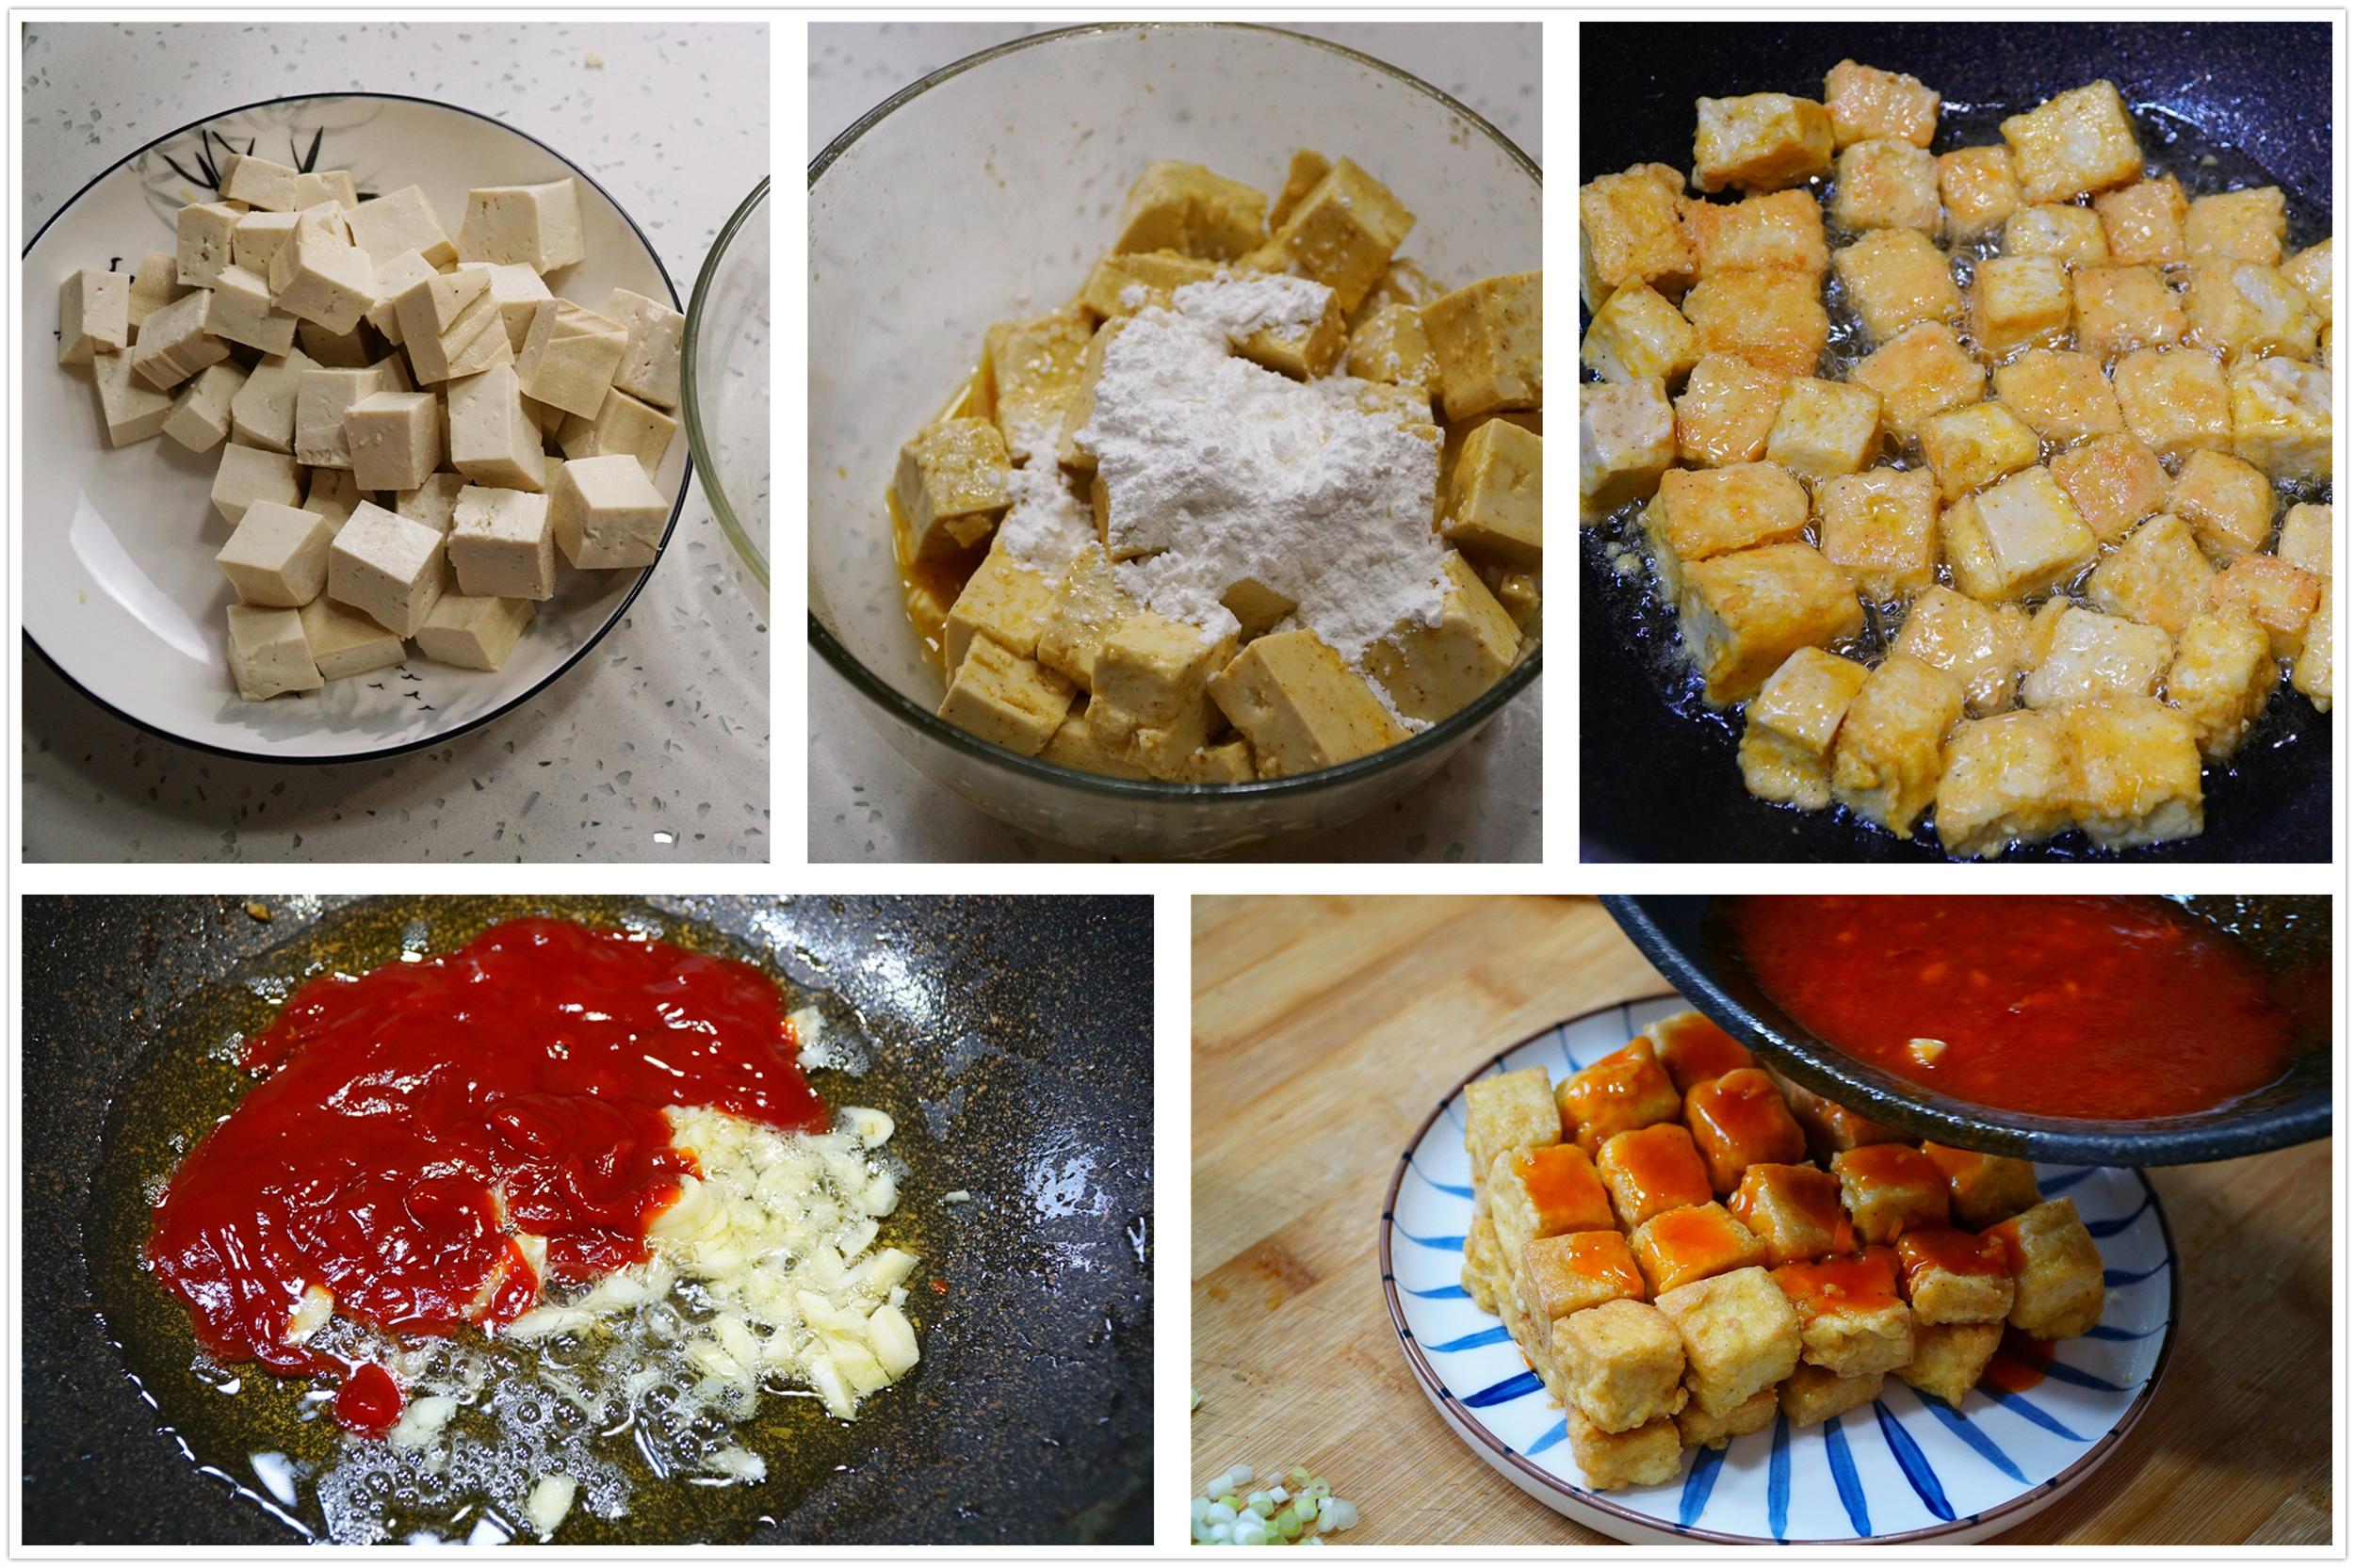 年底聚餐用的上,豆腐6种吃不烦的做法,有滋有味,不比吃肉差 美食做法 第13张